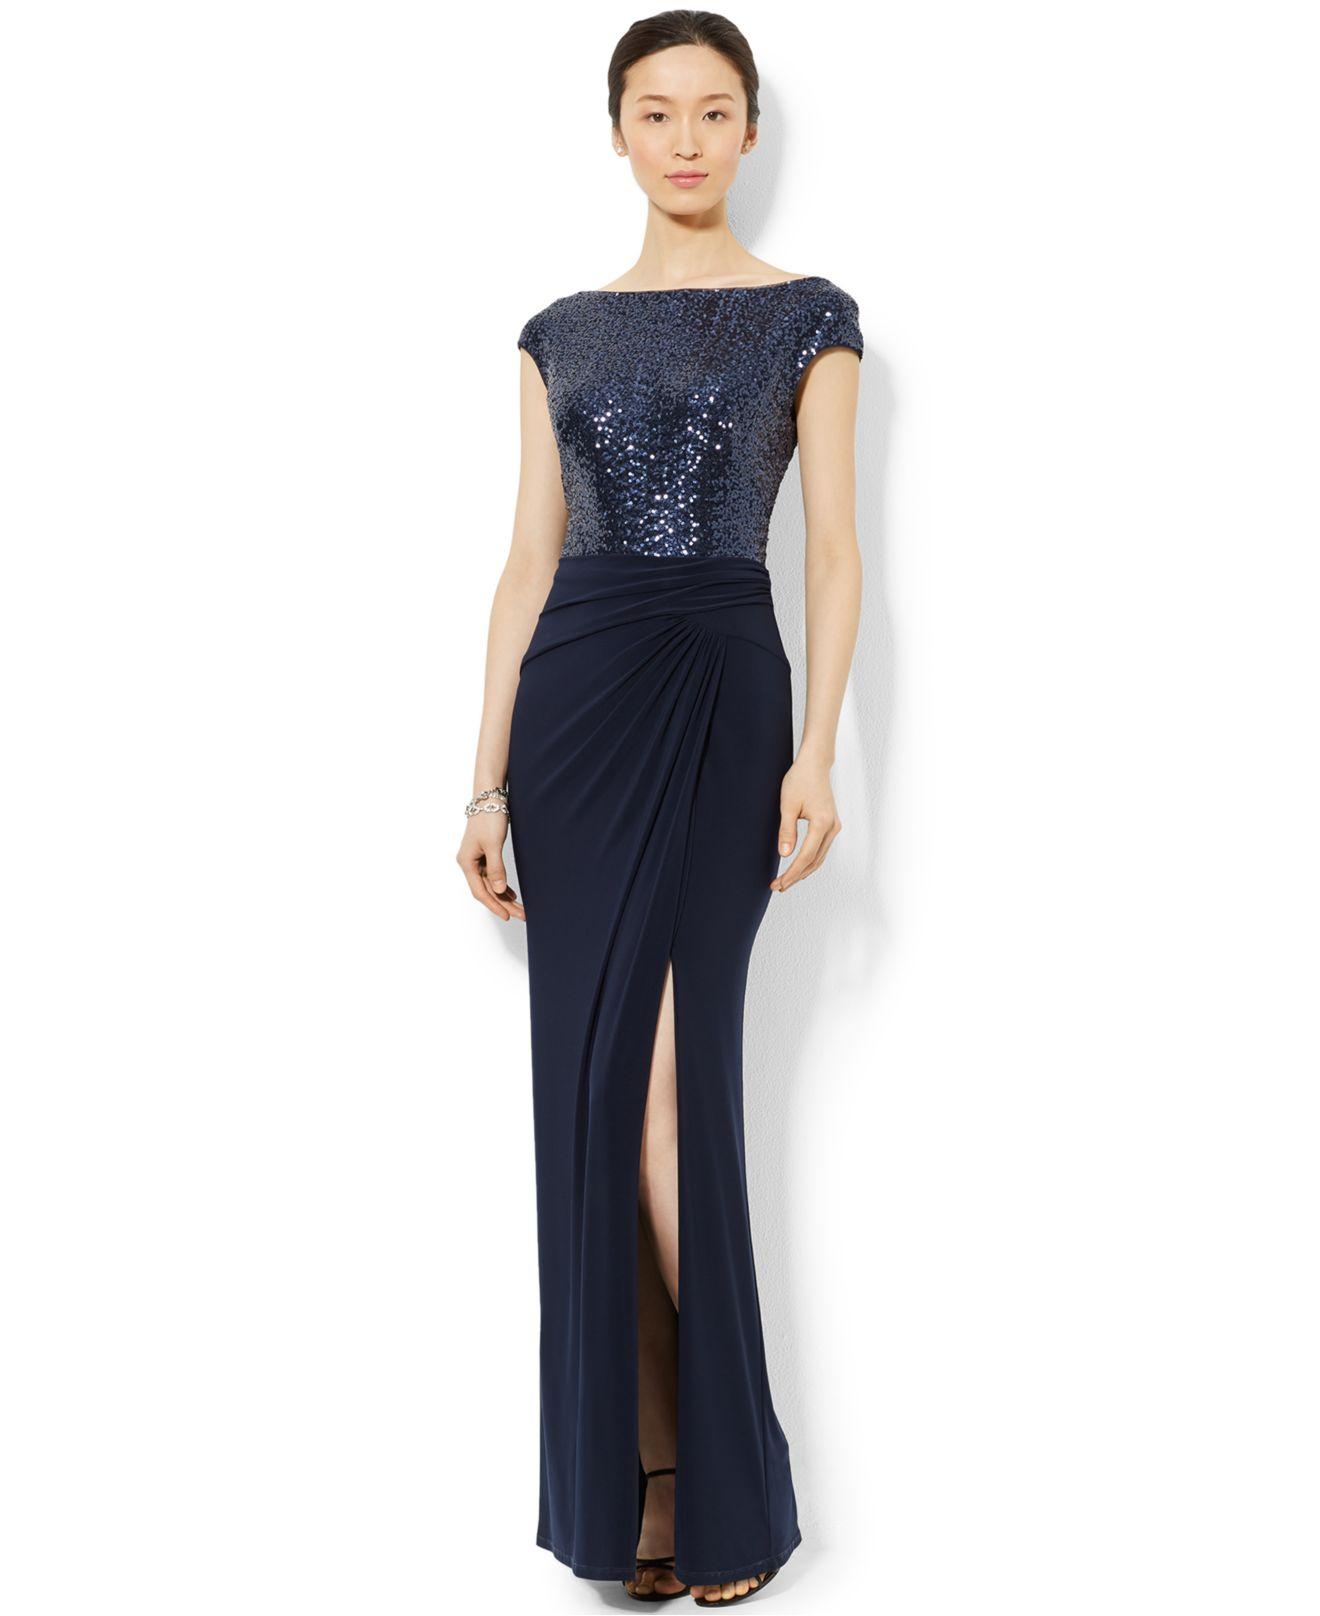 60241b525 Lauren by Ralph Lauren Sequined Boat-Neck Dress in Blue - Lyst